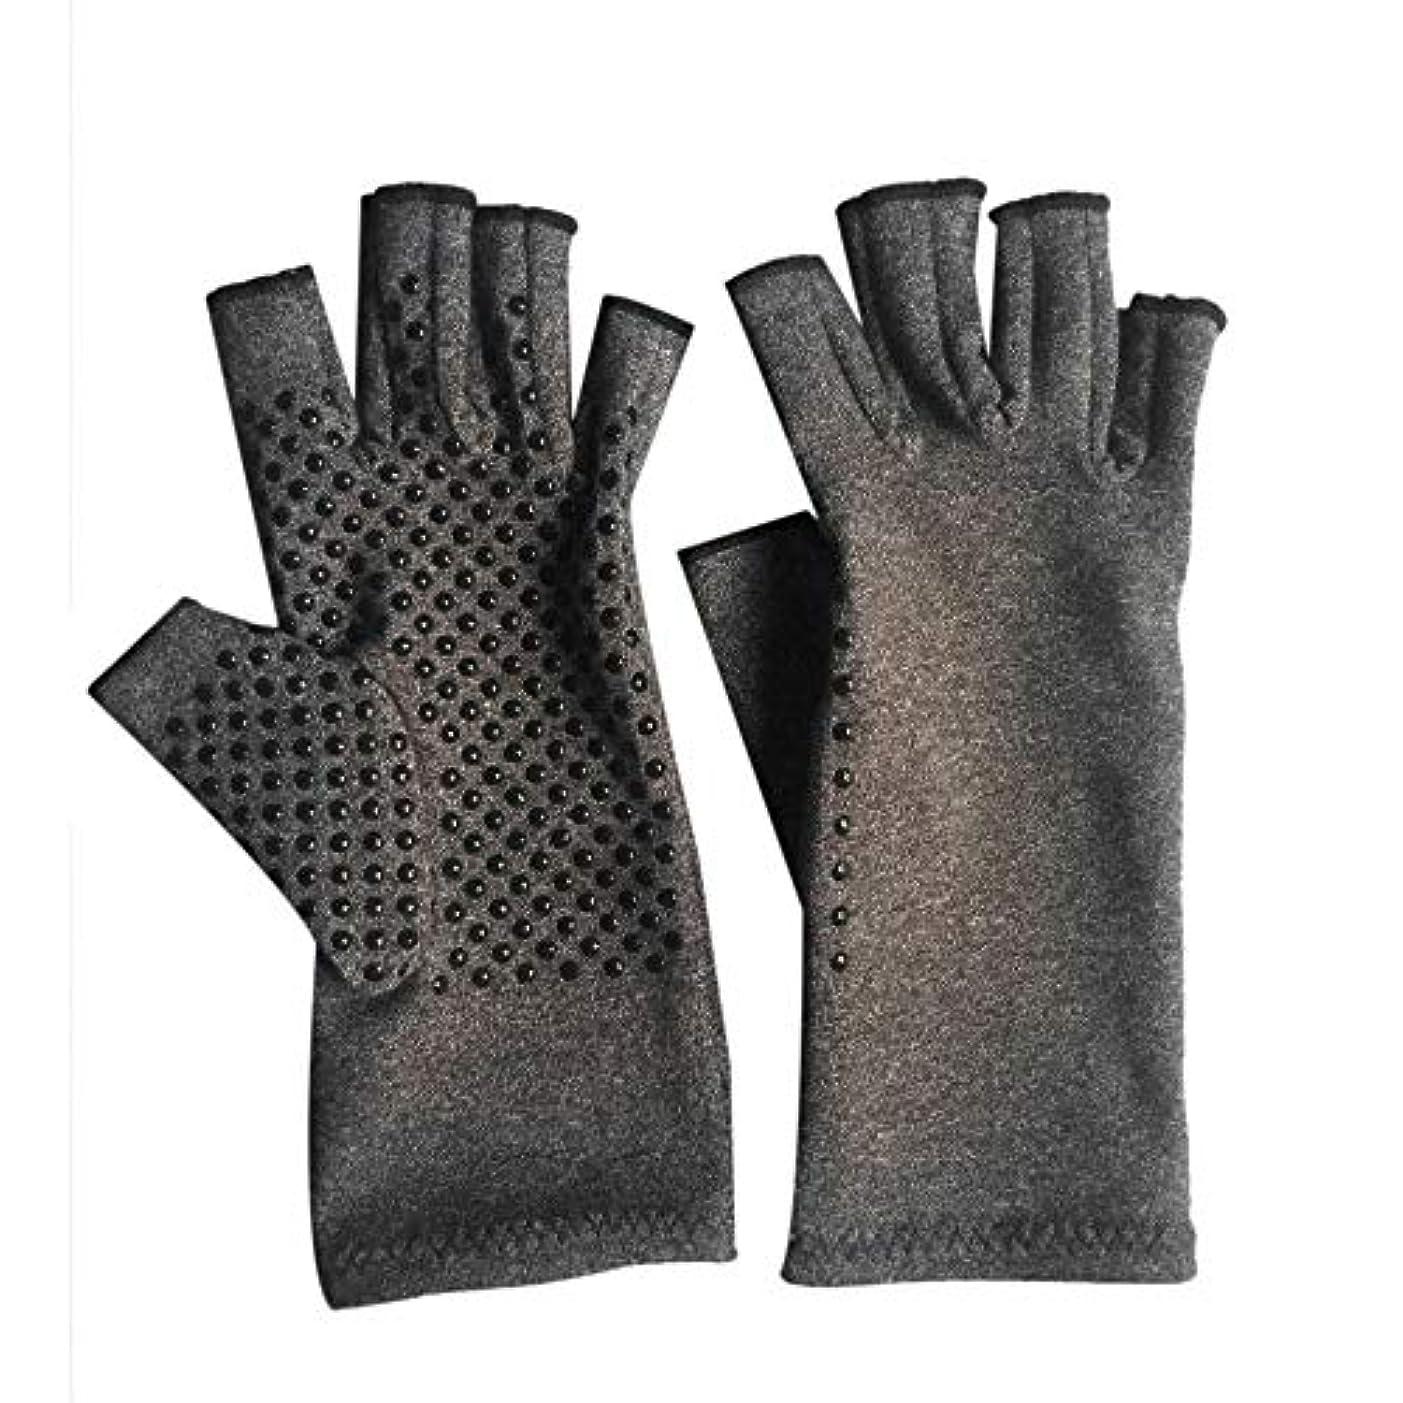 絡み合い建築家急行する1ペアユニセックス男性女性療法圧縮手袋関節炎関節痛緩和ヘルスケア半指手袋トレーニング手袋 - グレーM